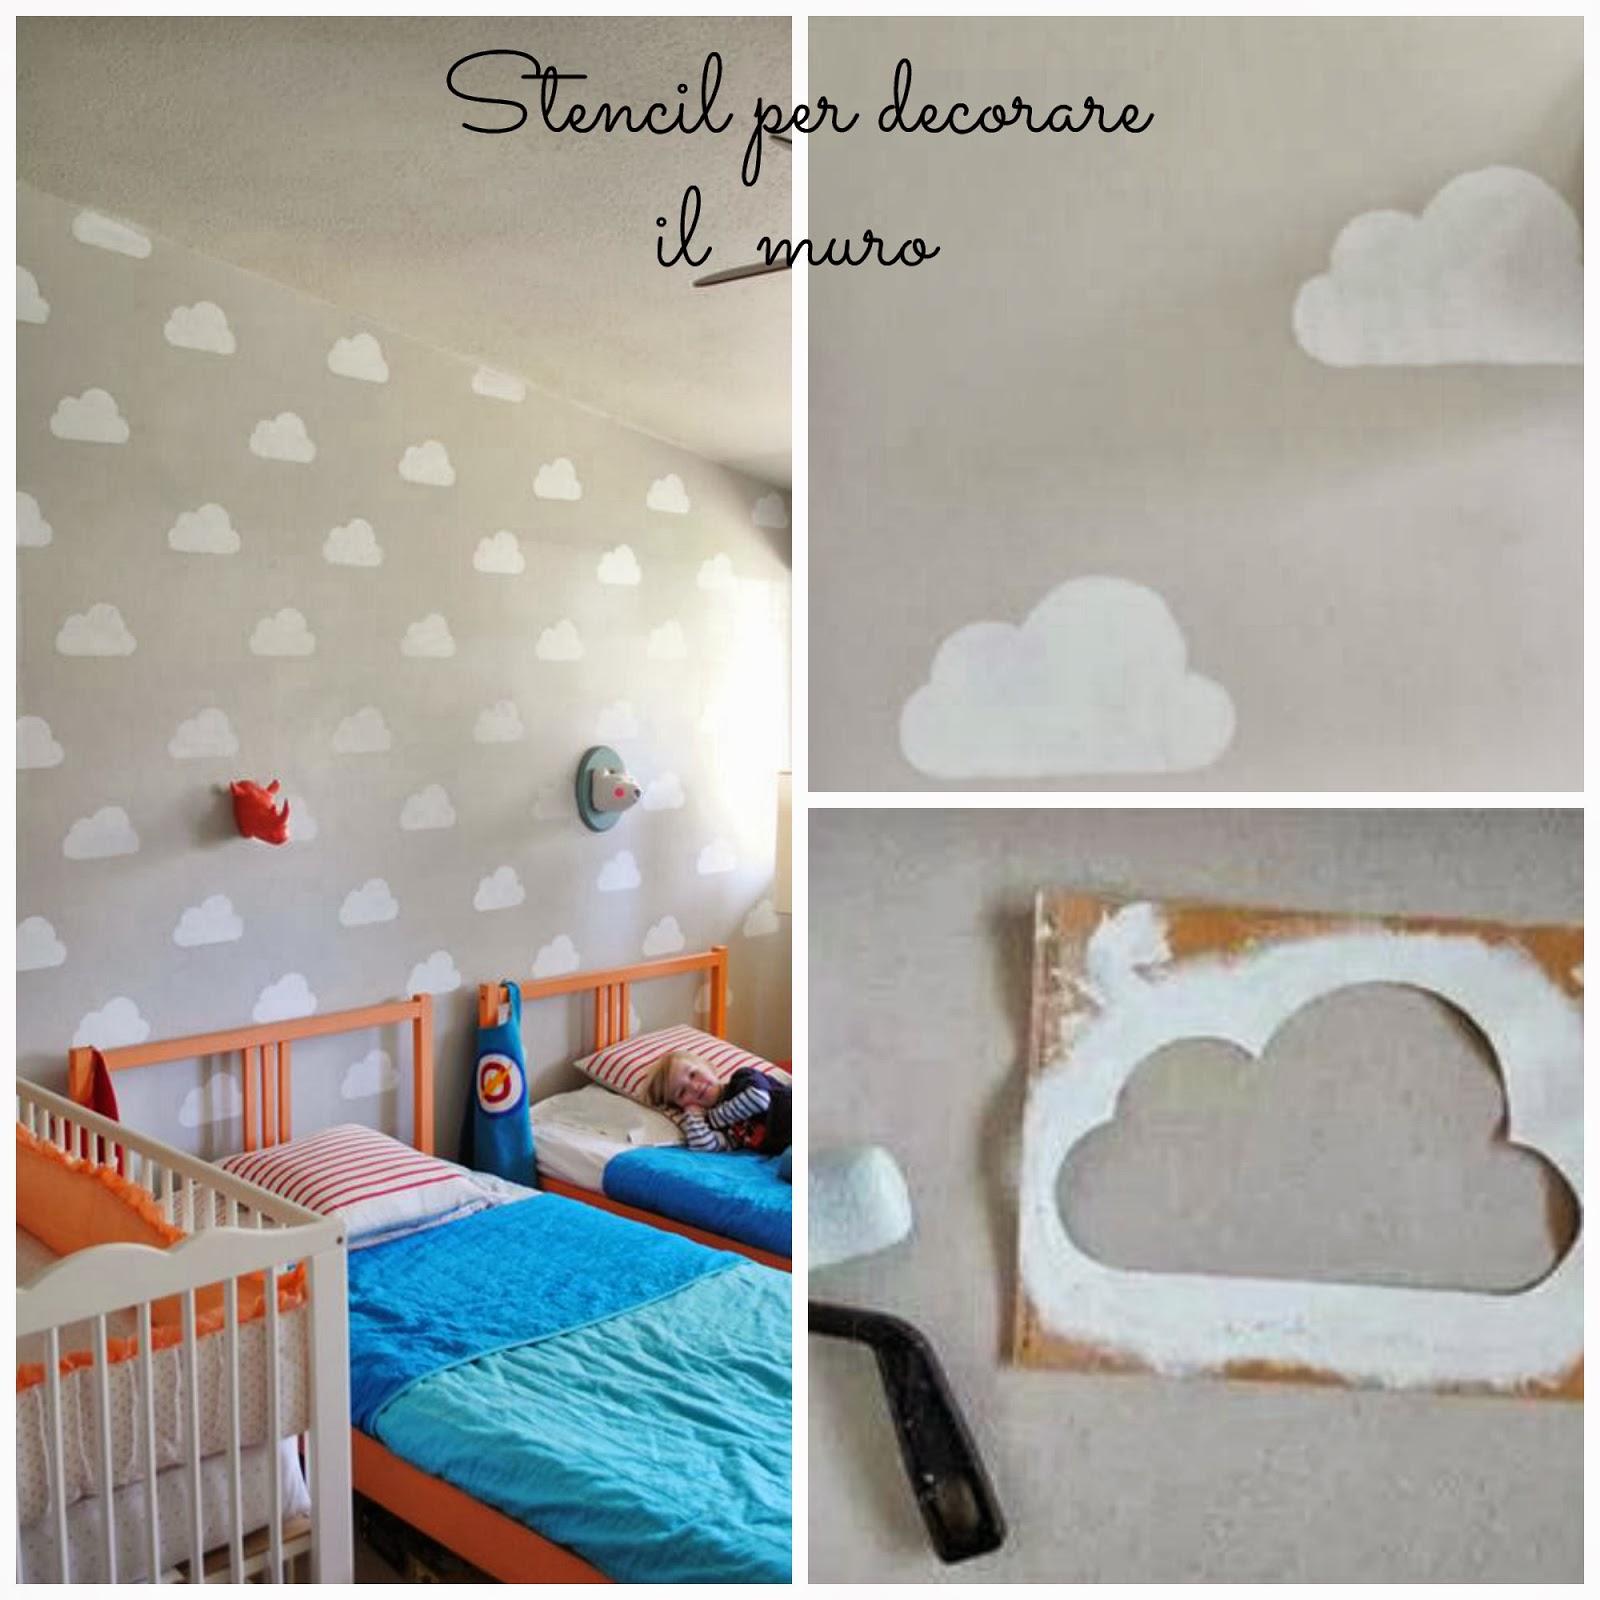 Dipinti per camerette bambini camerette bambini muri camerette bambini decorazioni pareti - Pareti dipinte per camerette ...